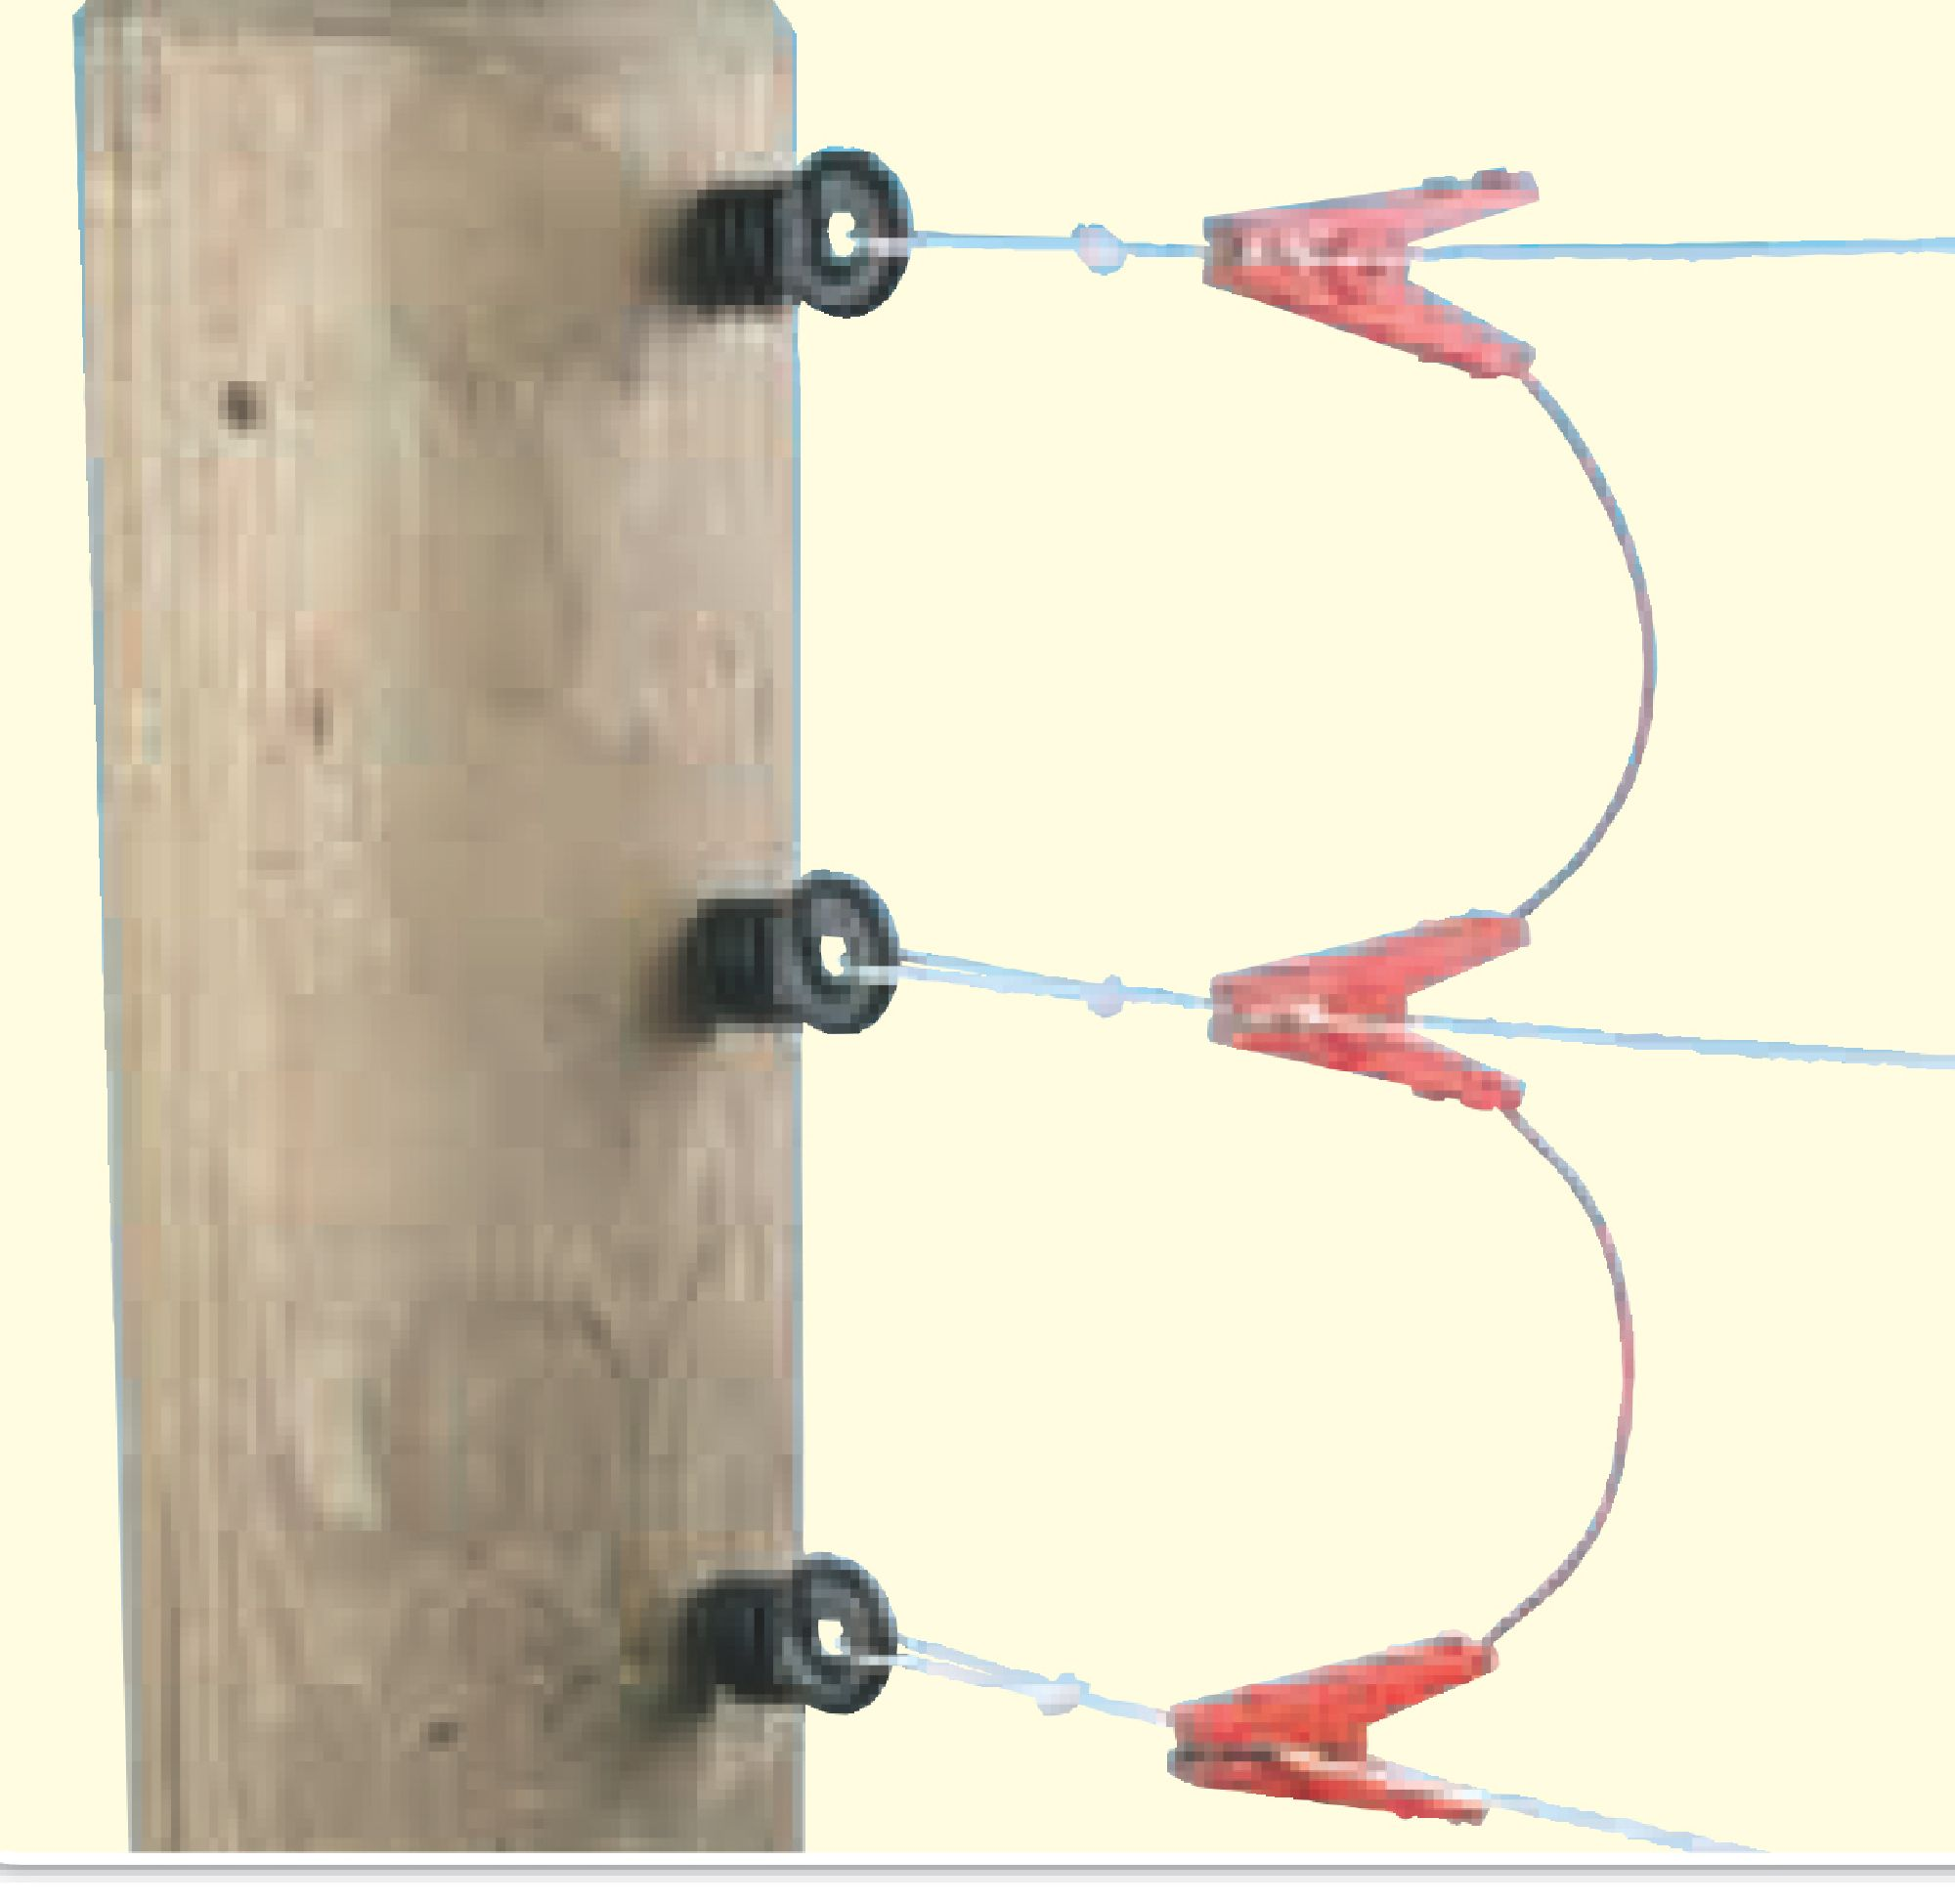 Materiel de cloture lectrique - Ruban cloture electrique ...